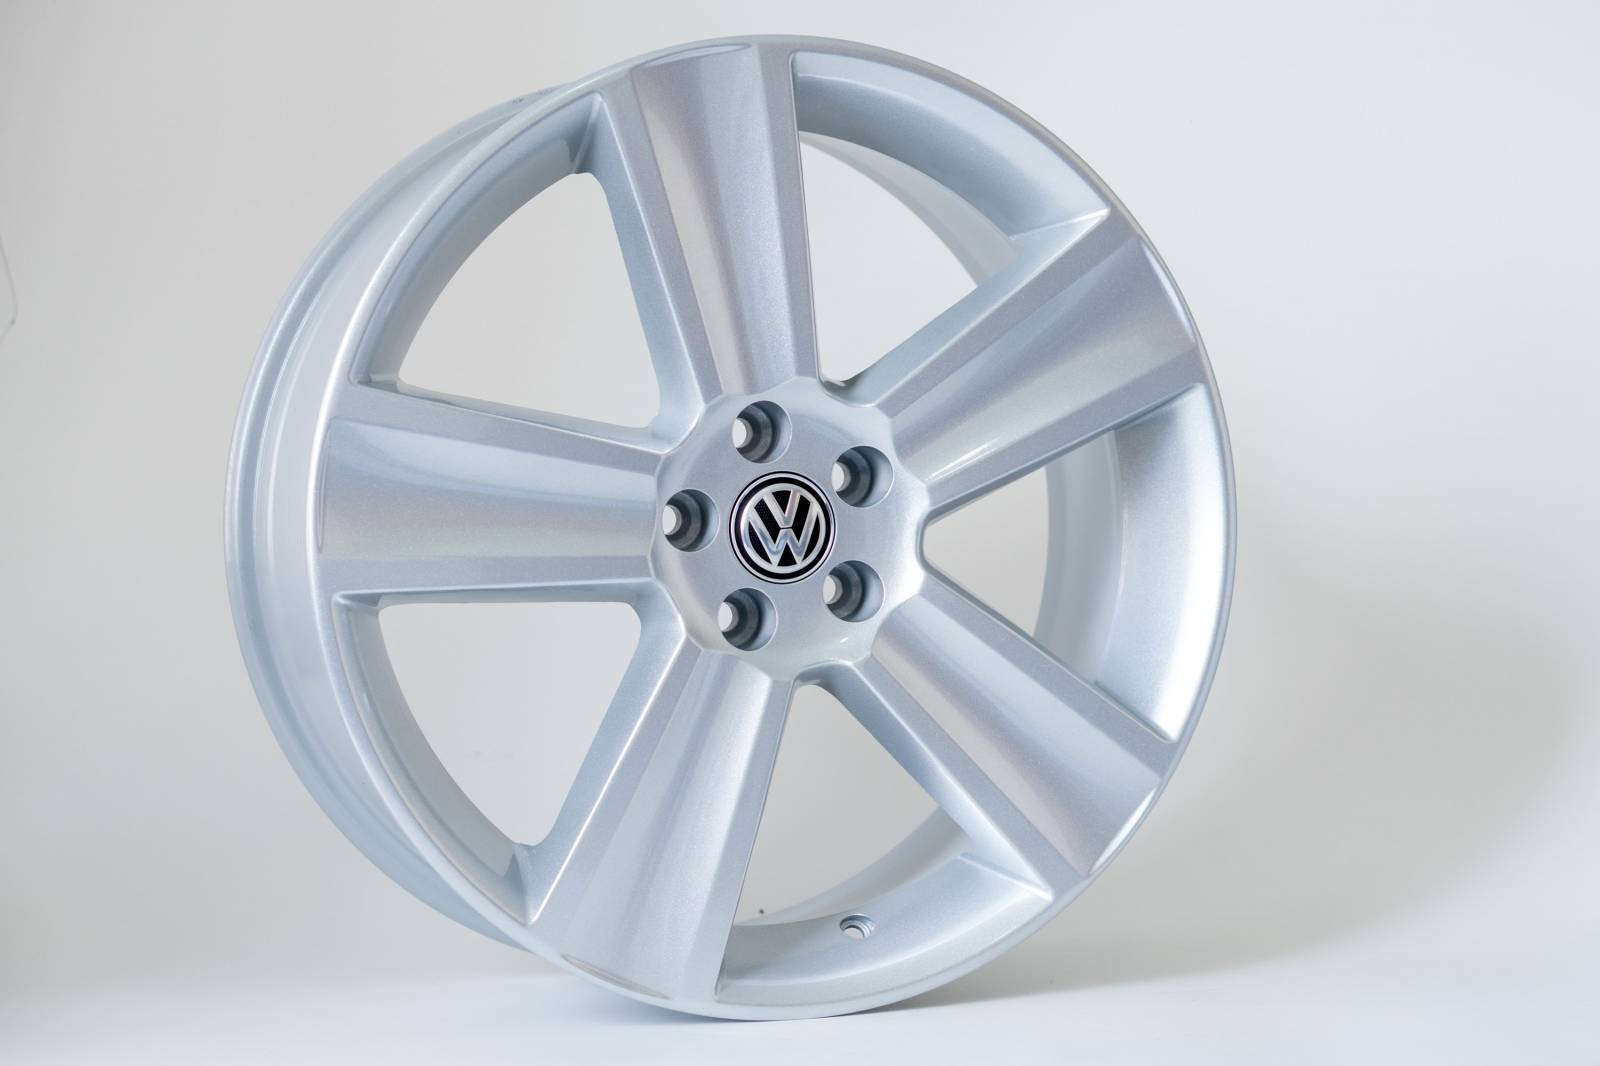 Jogo de 04 Rodas VW Saveiro Cross aro 15 5x100 KR R7 Prata